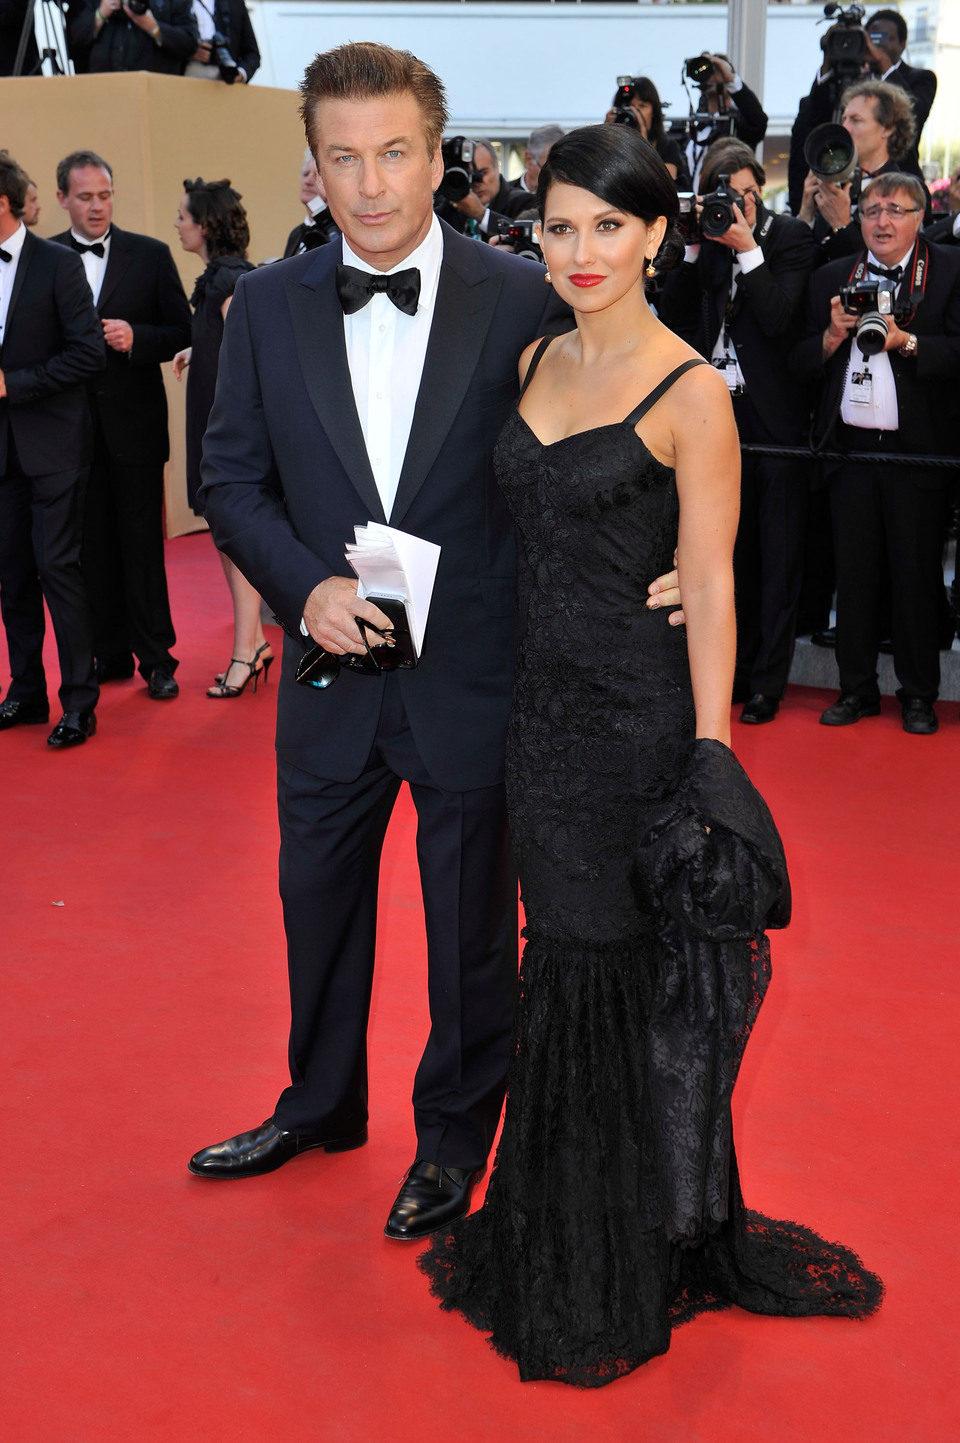 Alec Baldwin e Hilaria Thomas en la inauguración del Festival de Cannes 2012